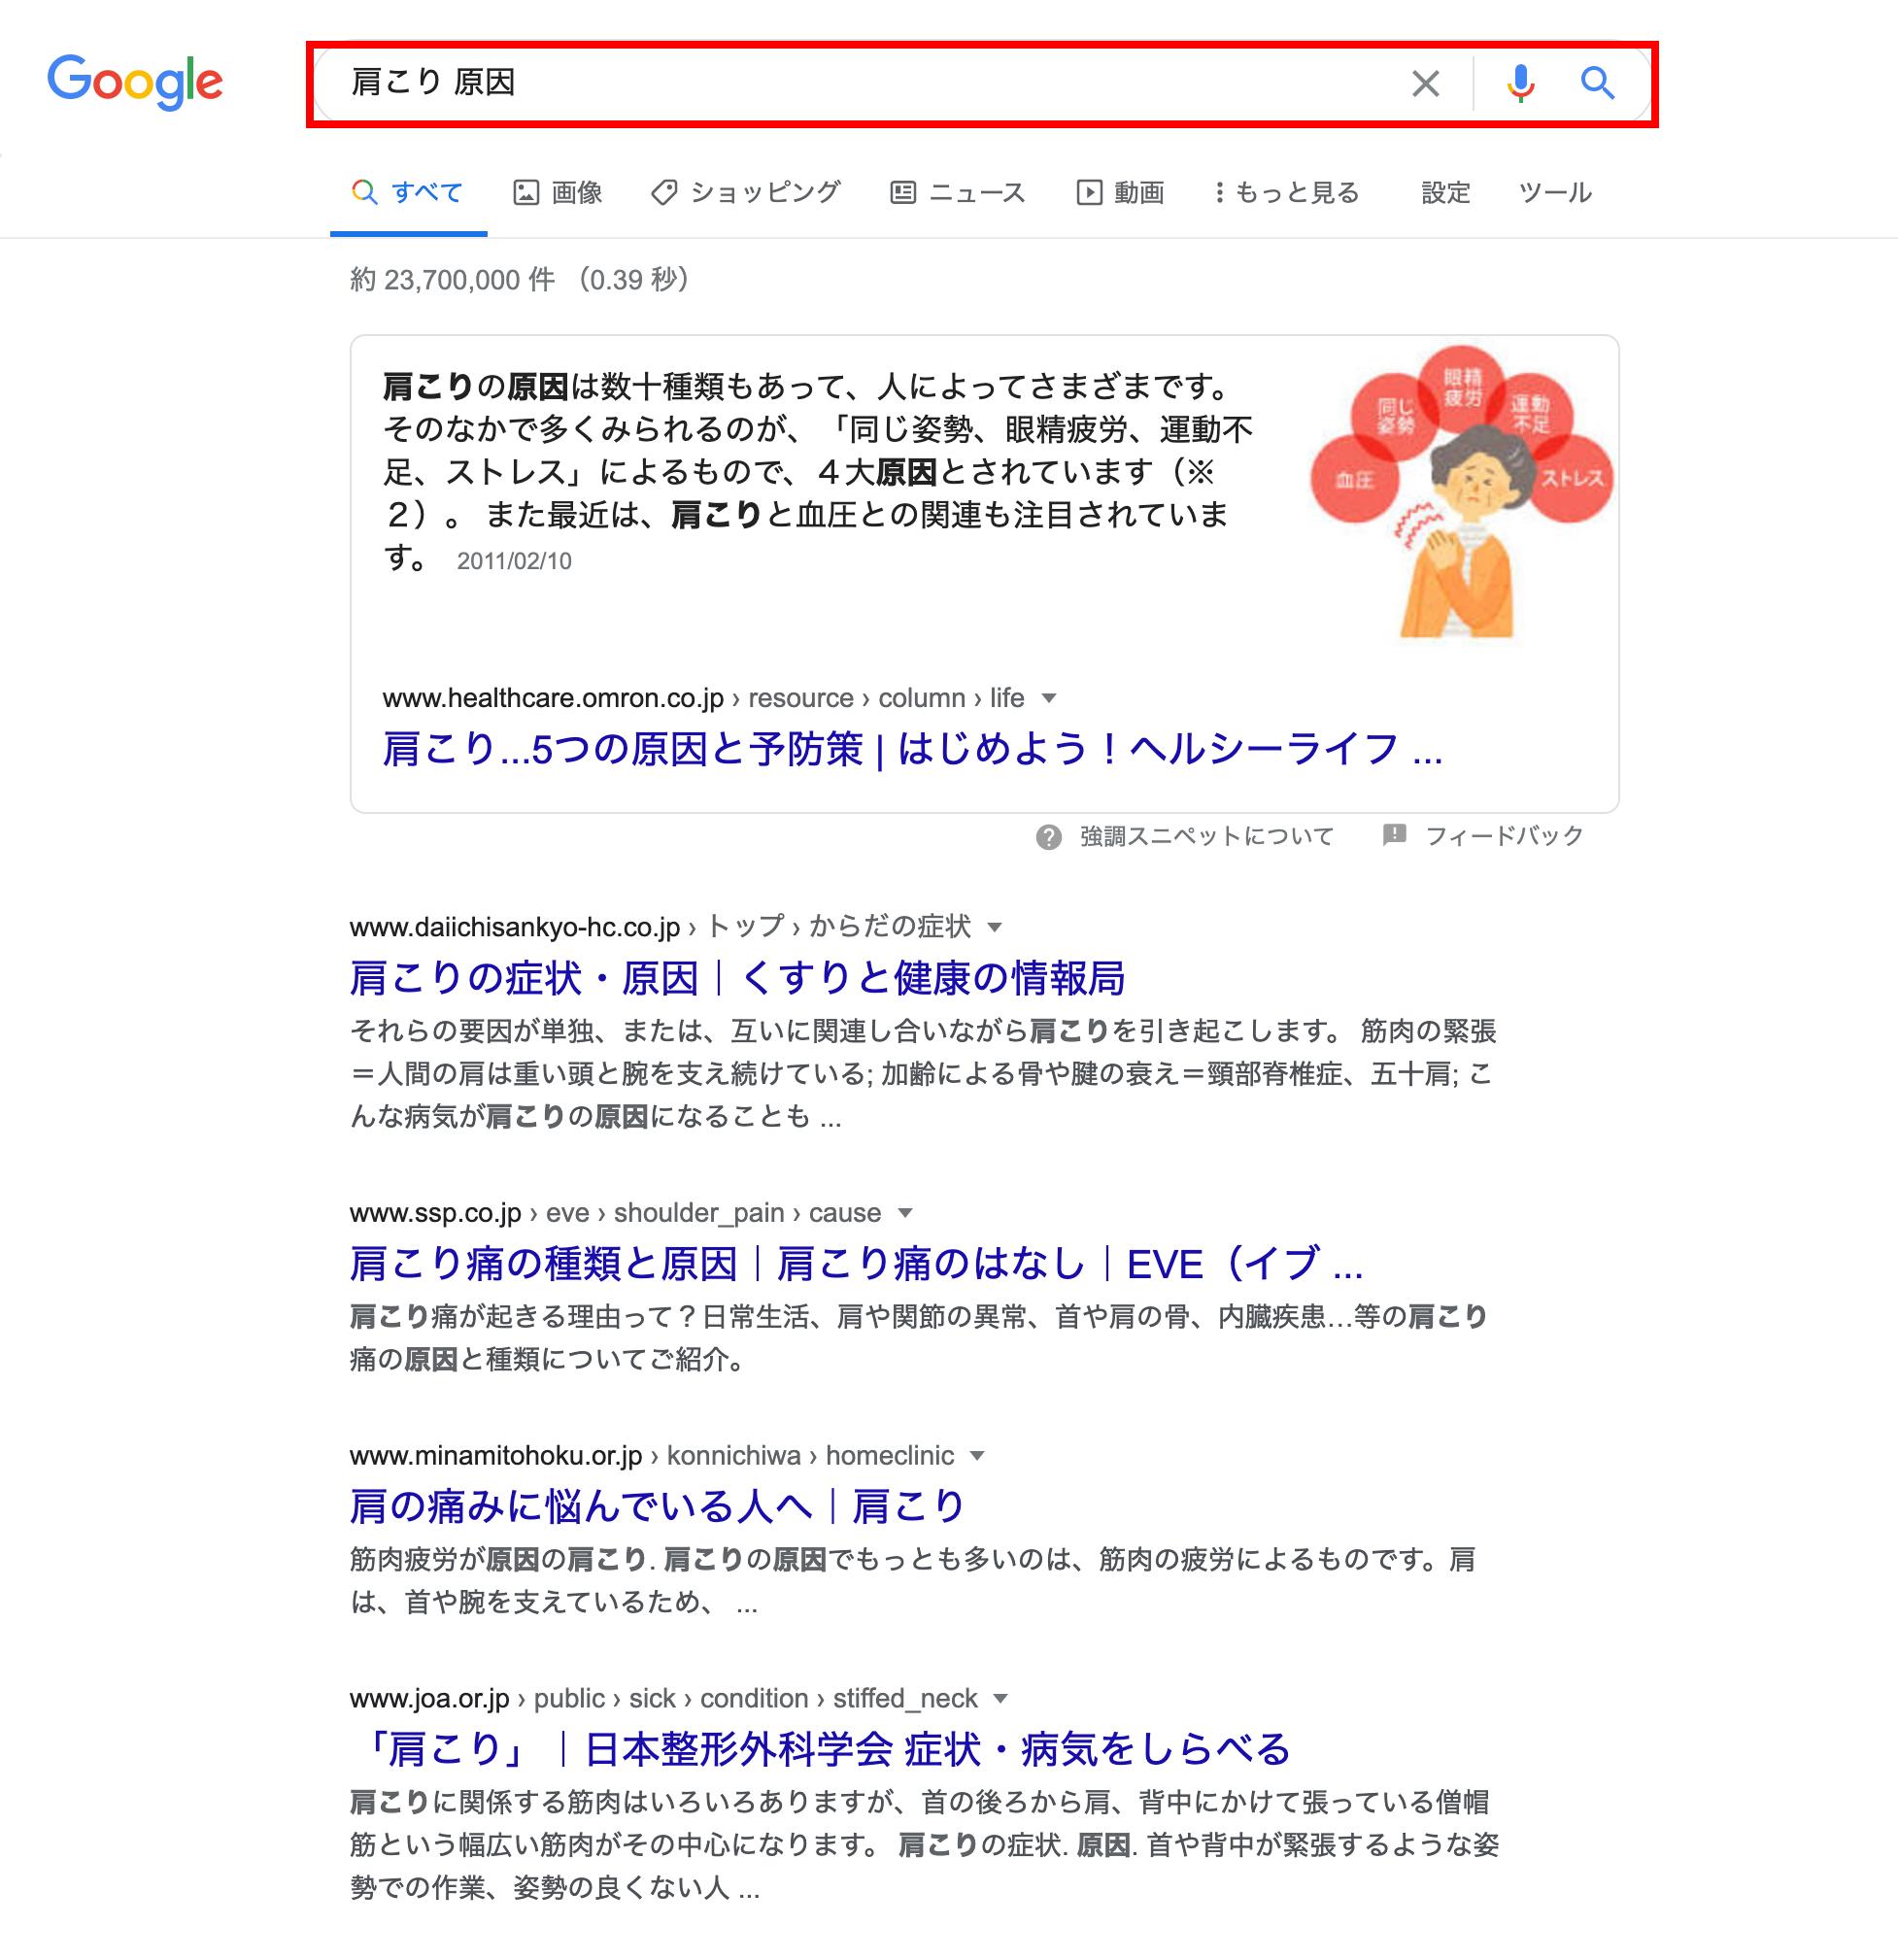 「肩こり 原因」の検索結果